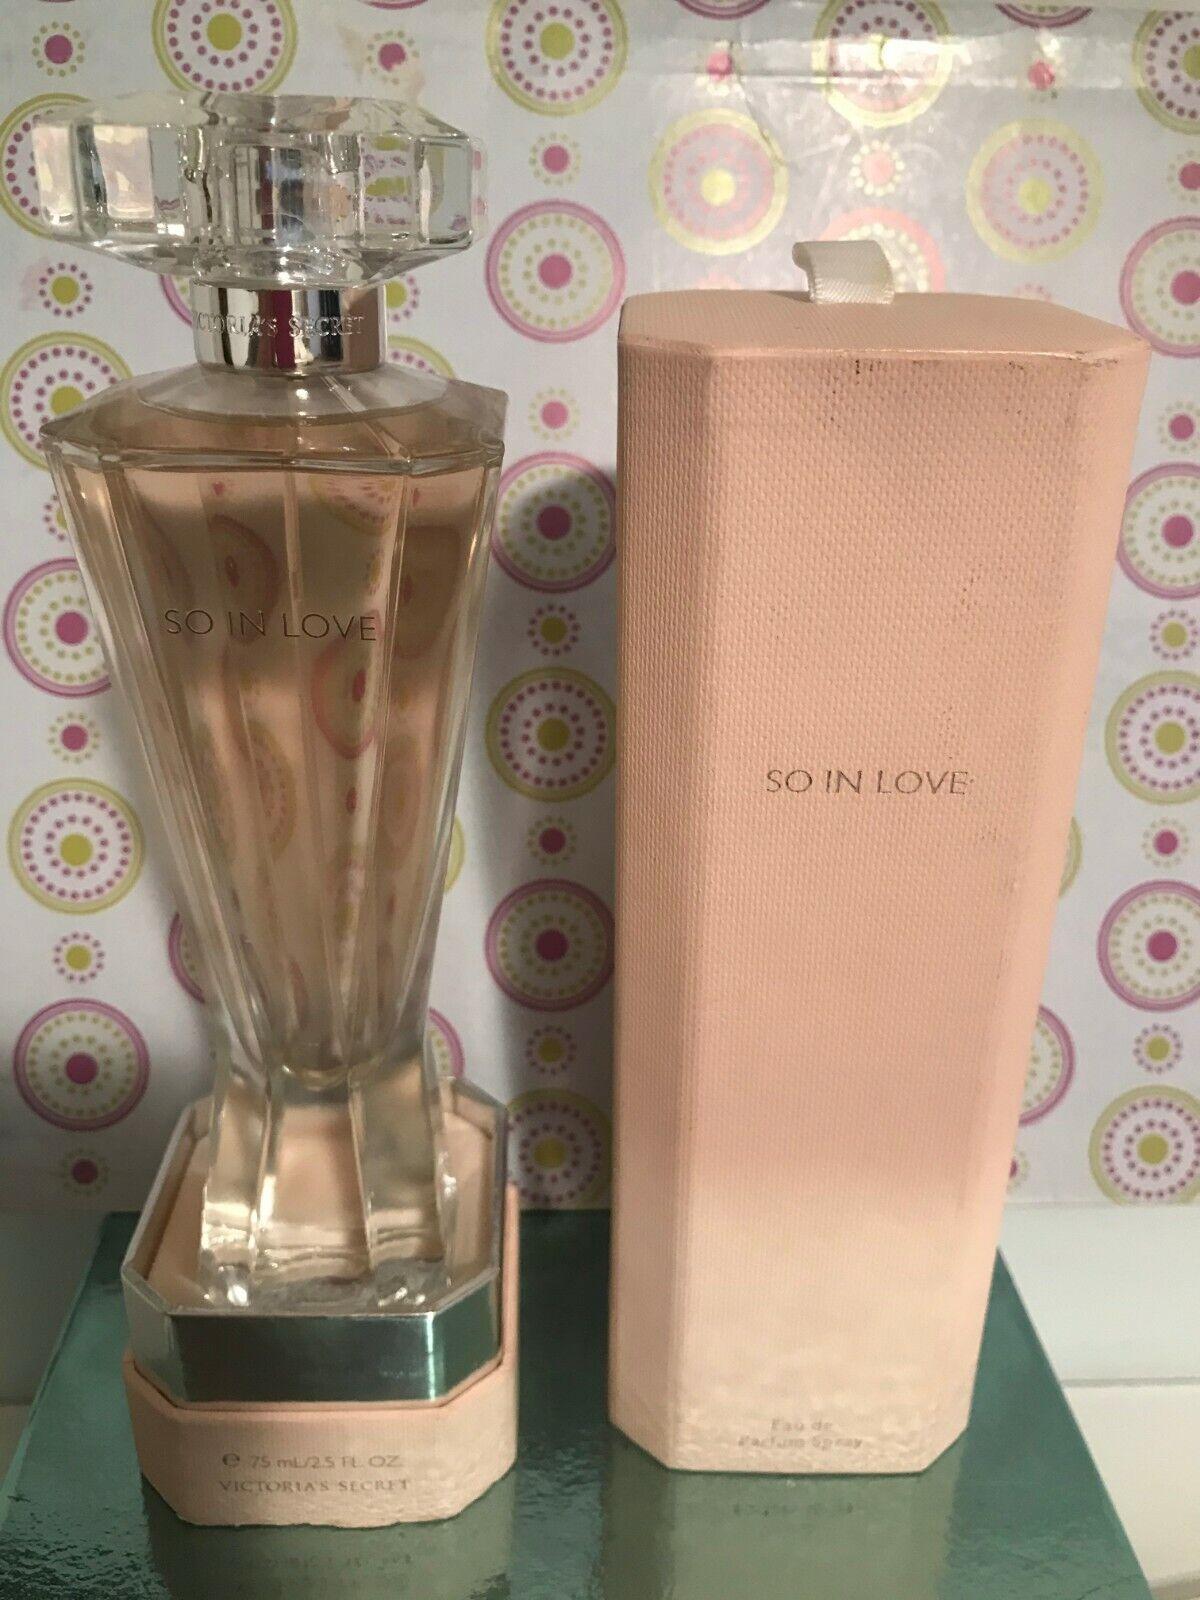 Victoria s Secret SO IN LOVE Eau De Parfum 2.5 FL. OZ./ 75 ML - $80.00